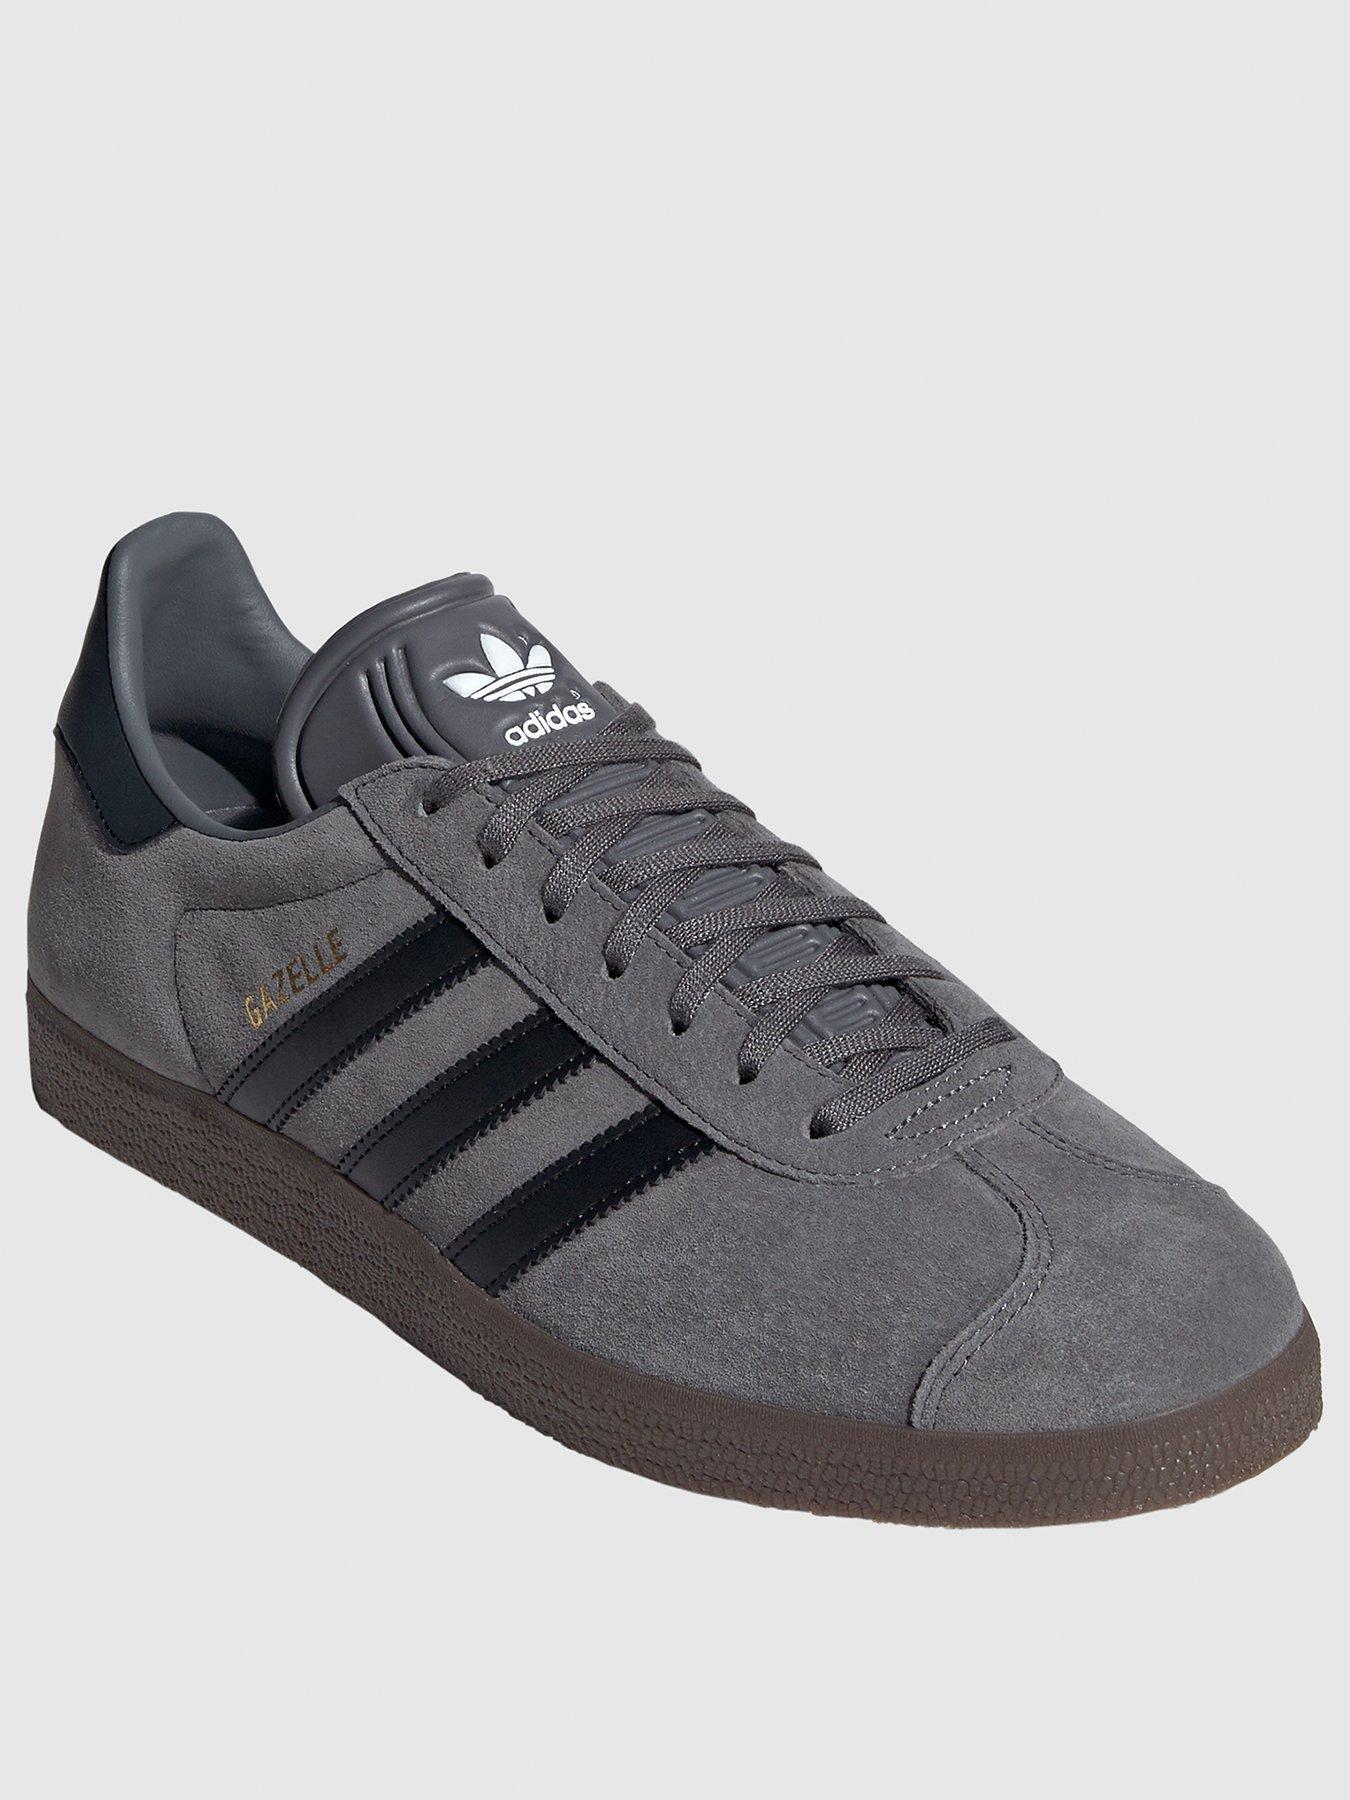 Grey | Adidas originals | Trainers | Men | www.very.co.uk